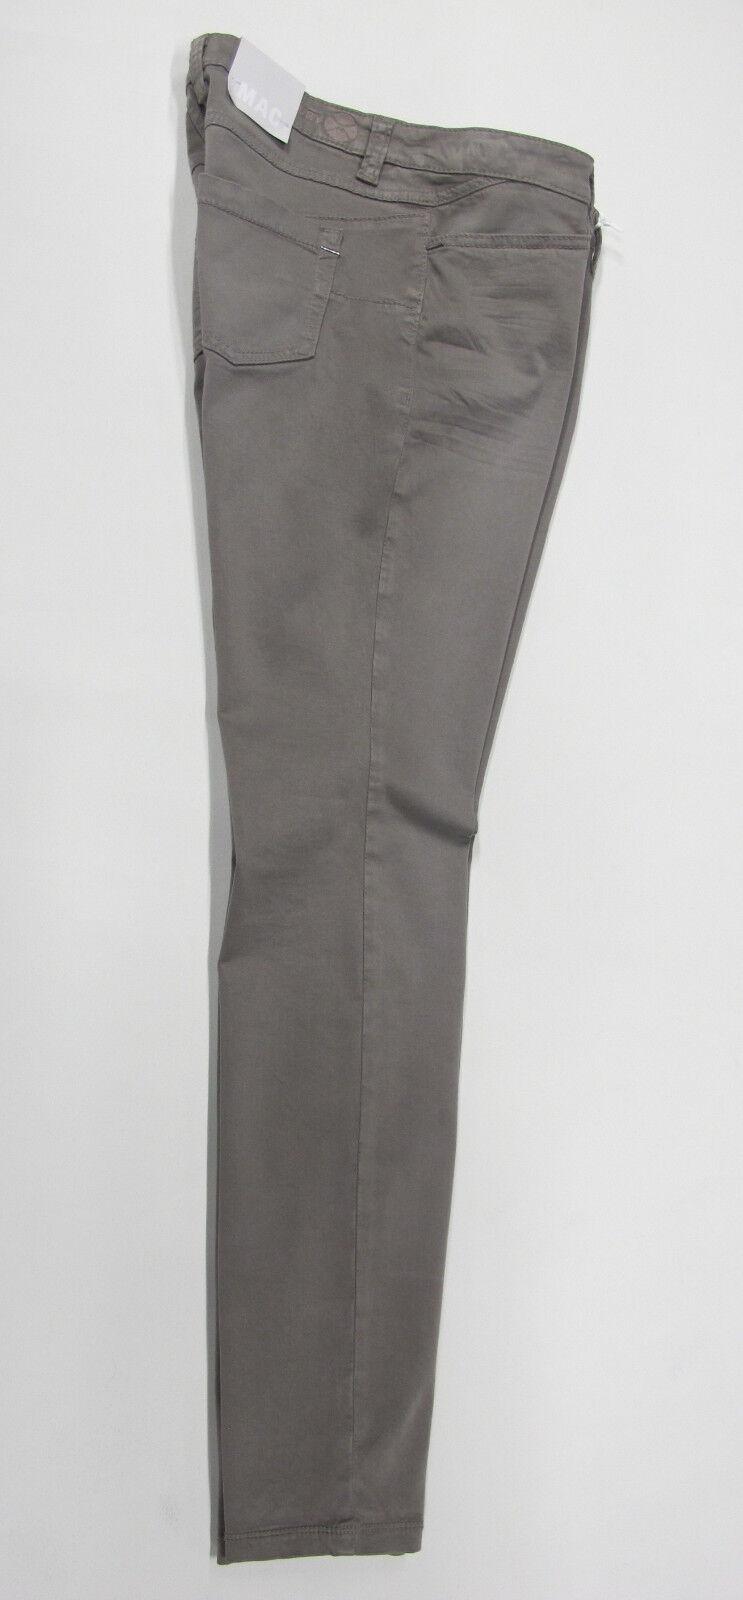 MAC Hose Dream Slim Luxury, Grau Gr.38 34,40 34,40 34,40 32,42 32 | Shop  | Niedriger Preis und gute Qualität  | Spezielle Funktion  41b7ab